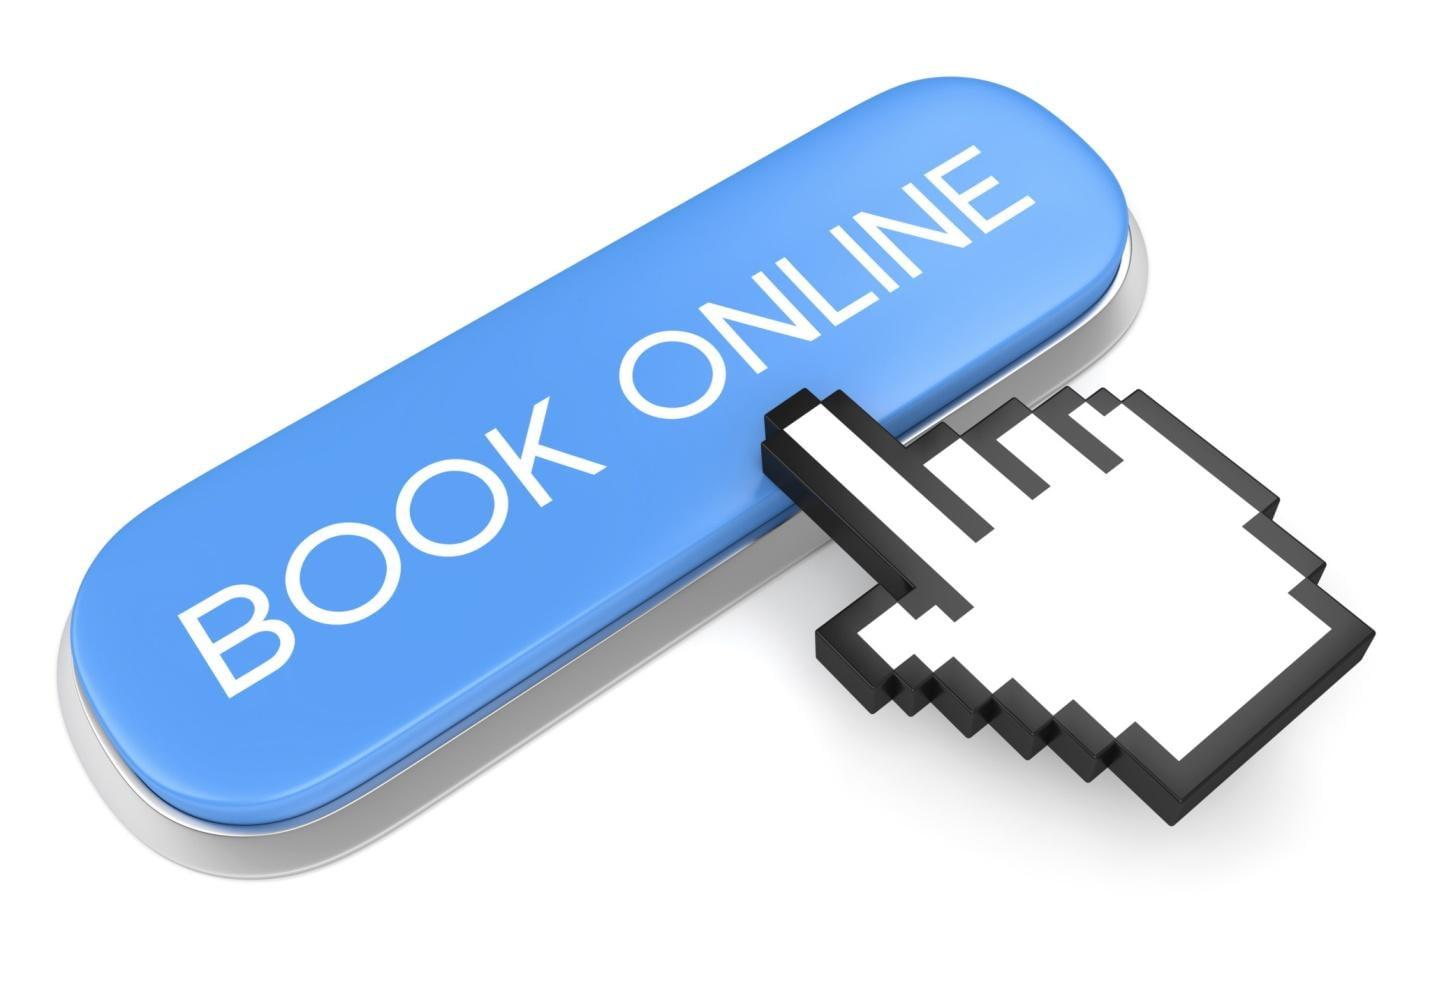 10 tuyệt chiêu giúp tăng lượng đặt phòng trực tuyến cho khách sạn